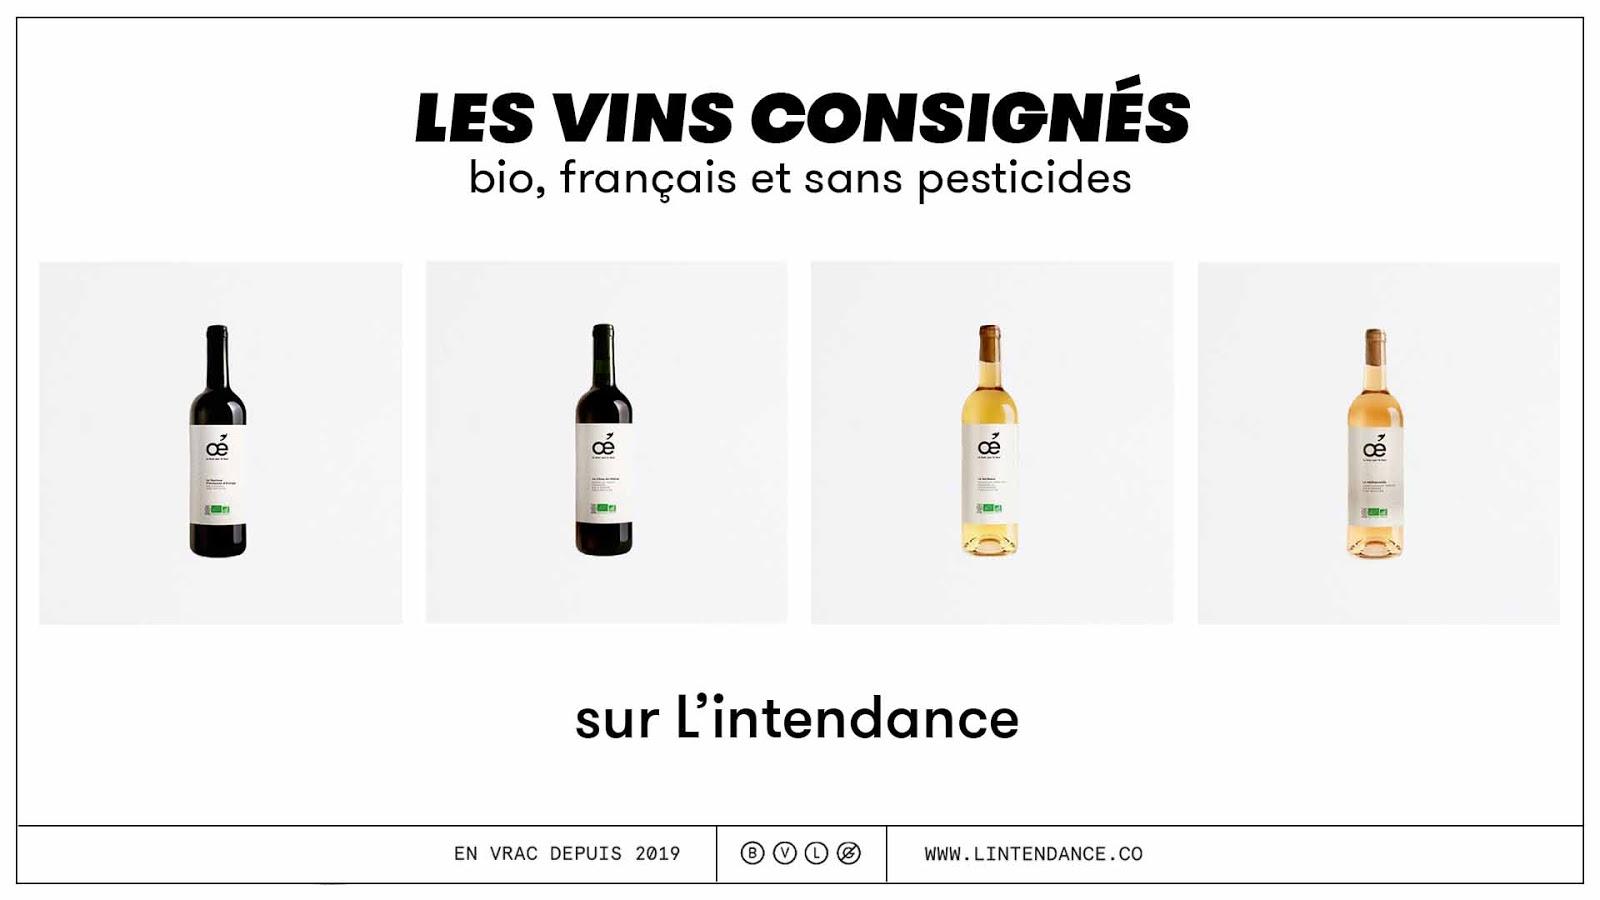 Vin en vrac consigné L'intendance